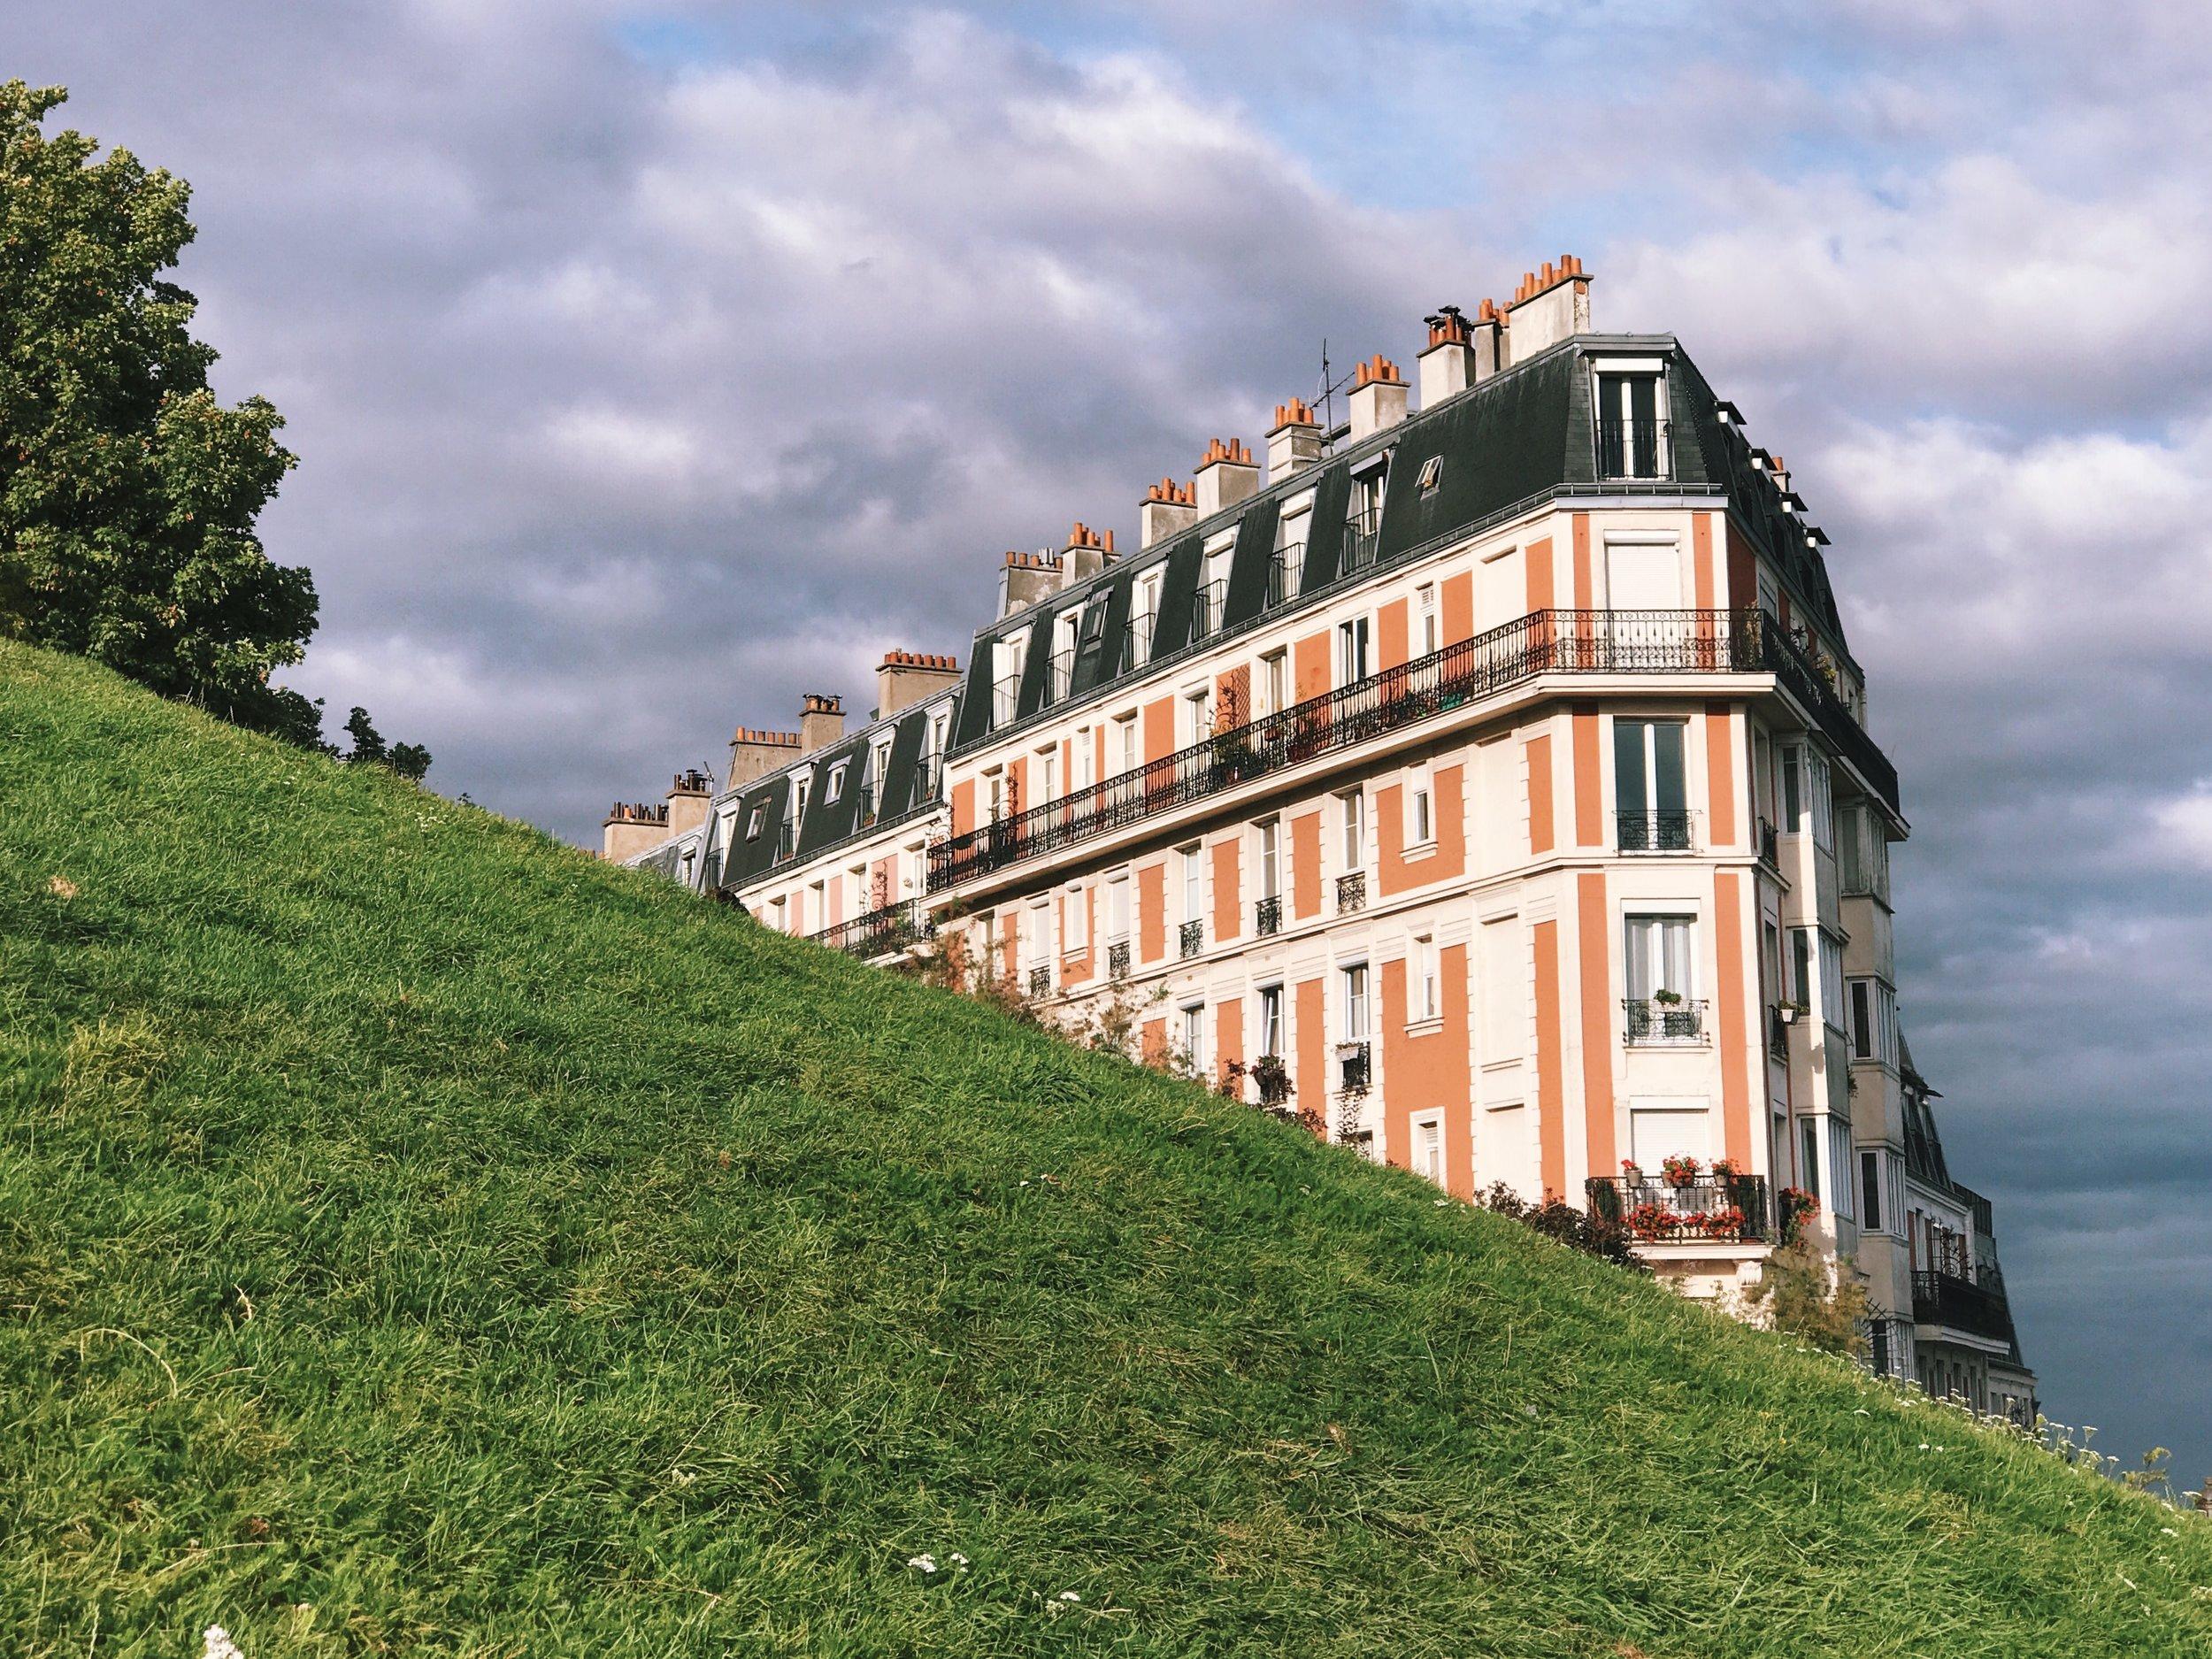 Climbing up to Sacré-Cœur